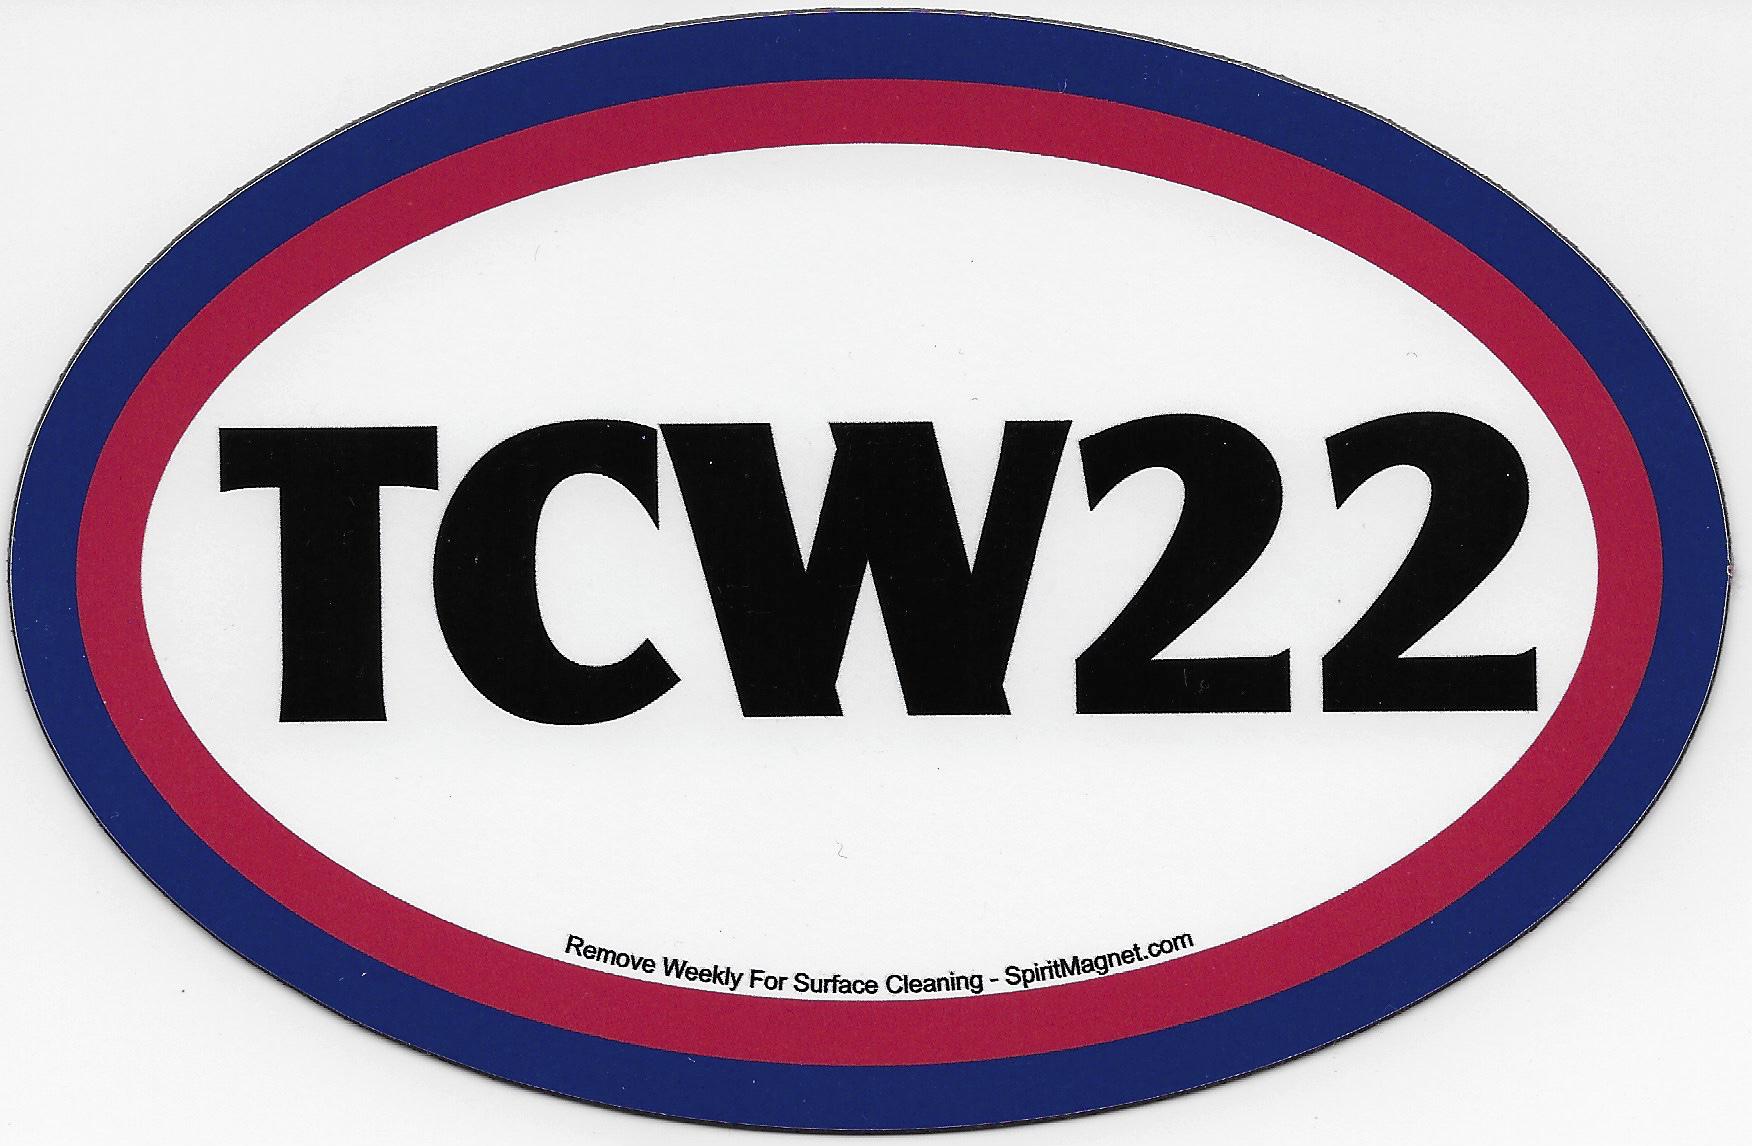 tcw22